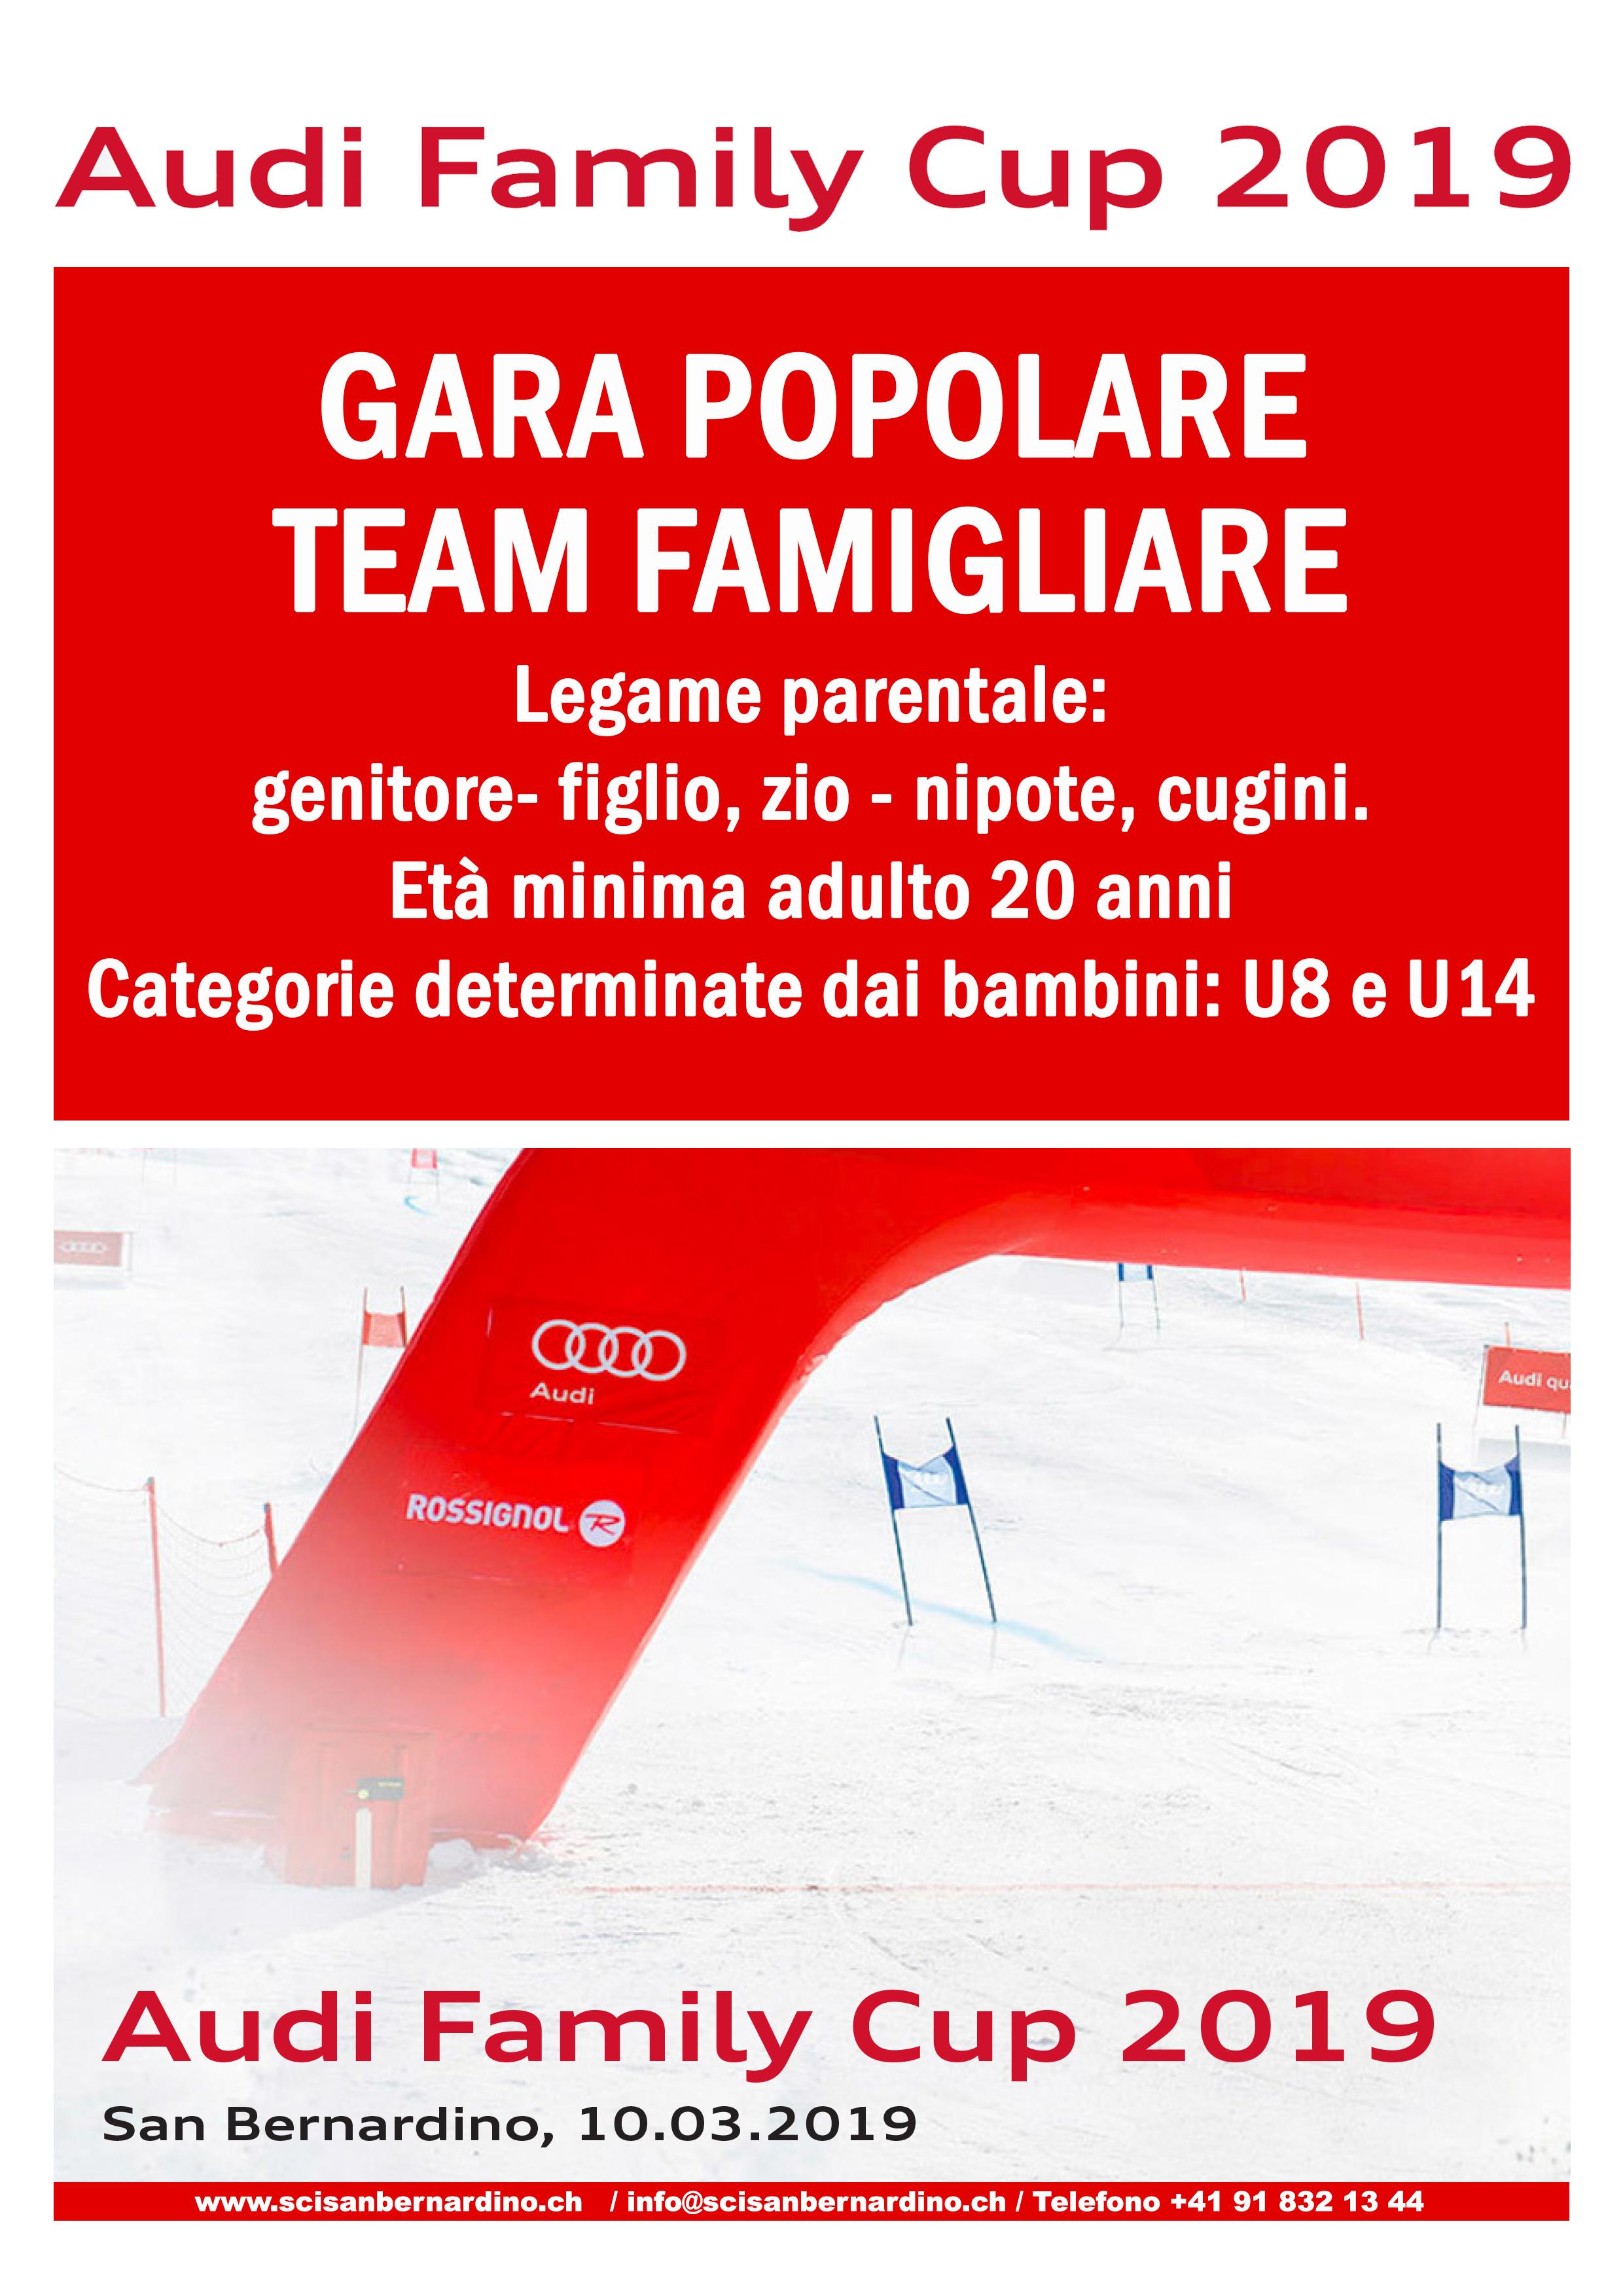 10.03.2019 Audi Family Cup 2019 / Gara popolare team famigliare